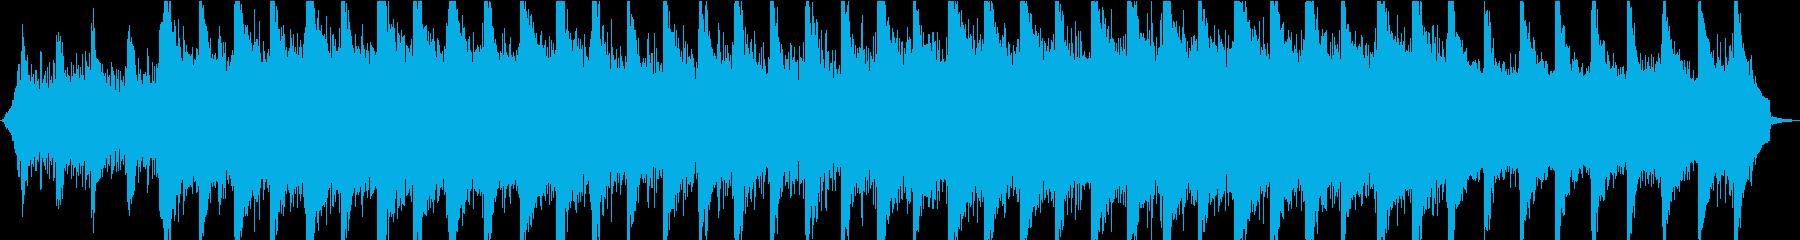 【プレゼンテーション】浮遊感とピアノ③の再生済みの波形